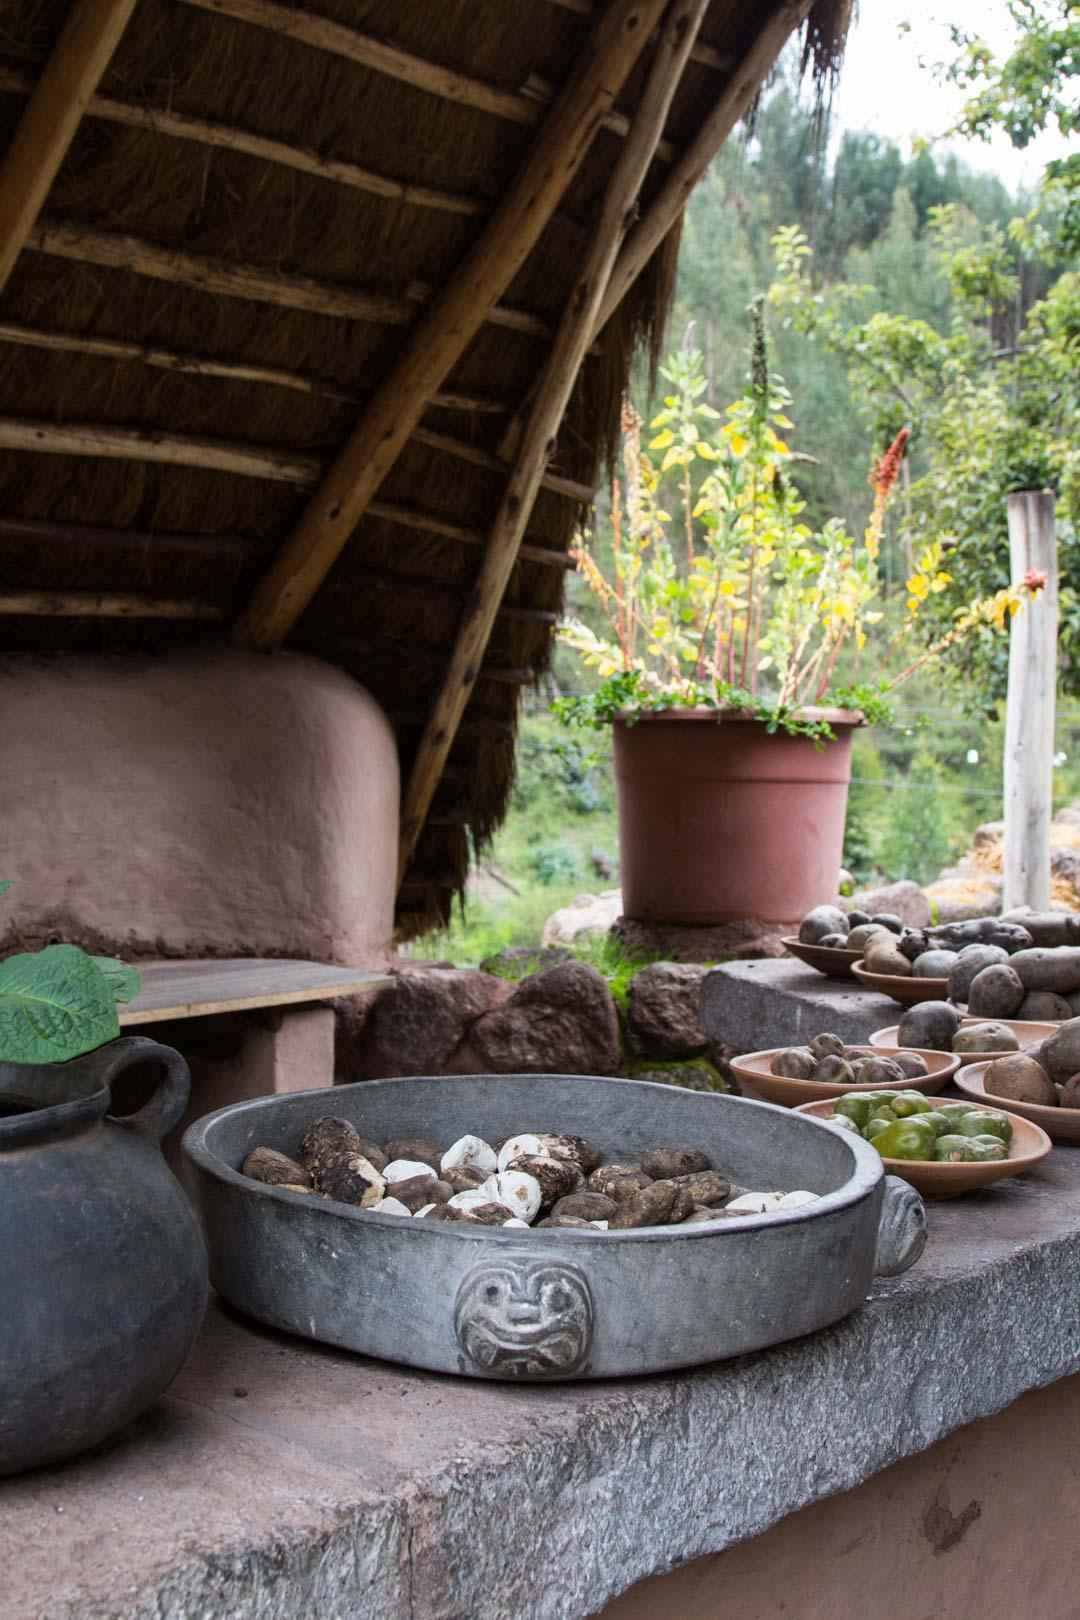 perunaa Perussa Pyhässä laaksossa lähellä Cuzcoa